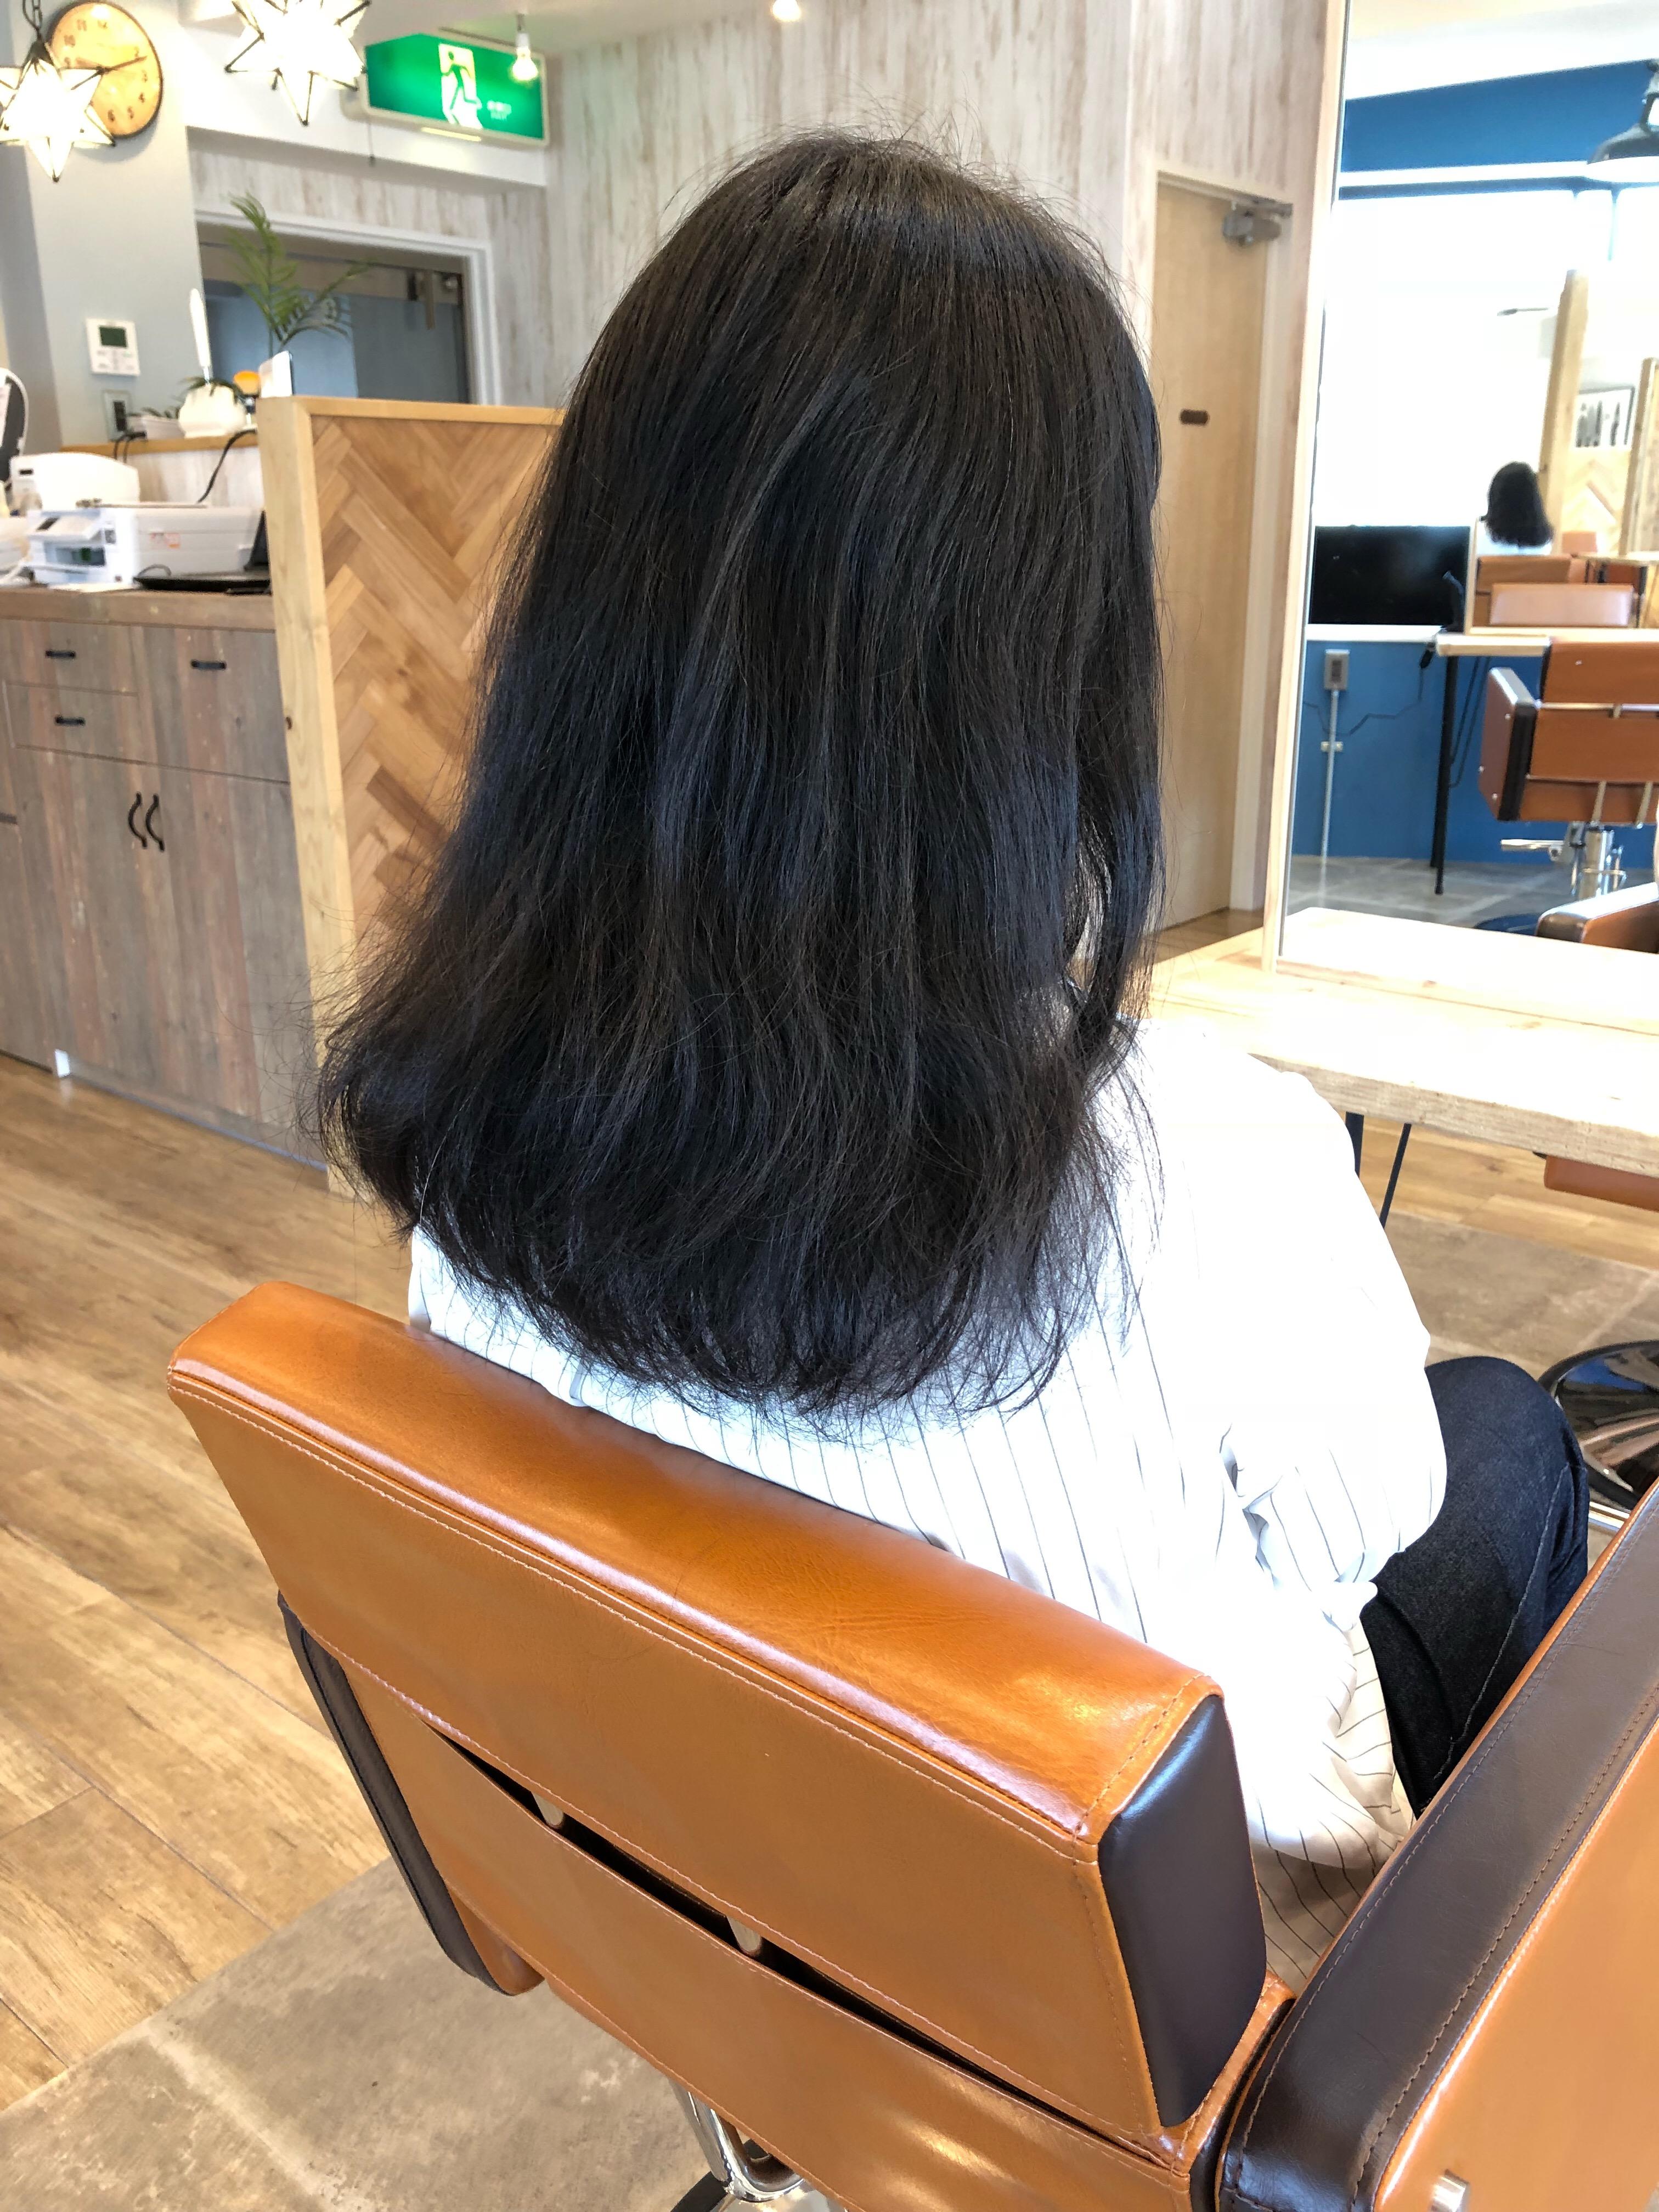 縮 毛 矯正 1カ月